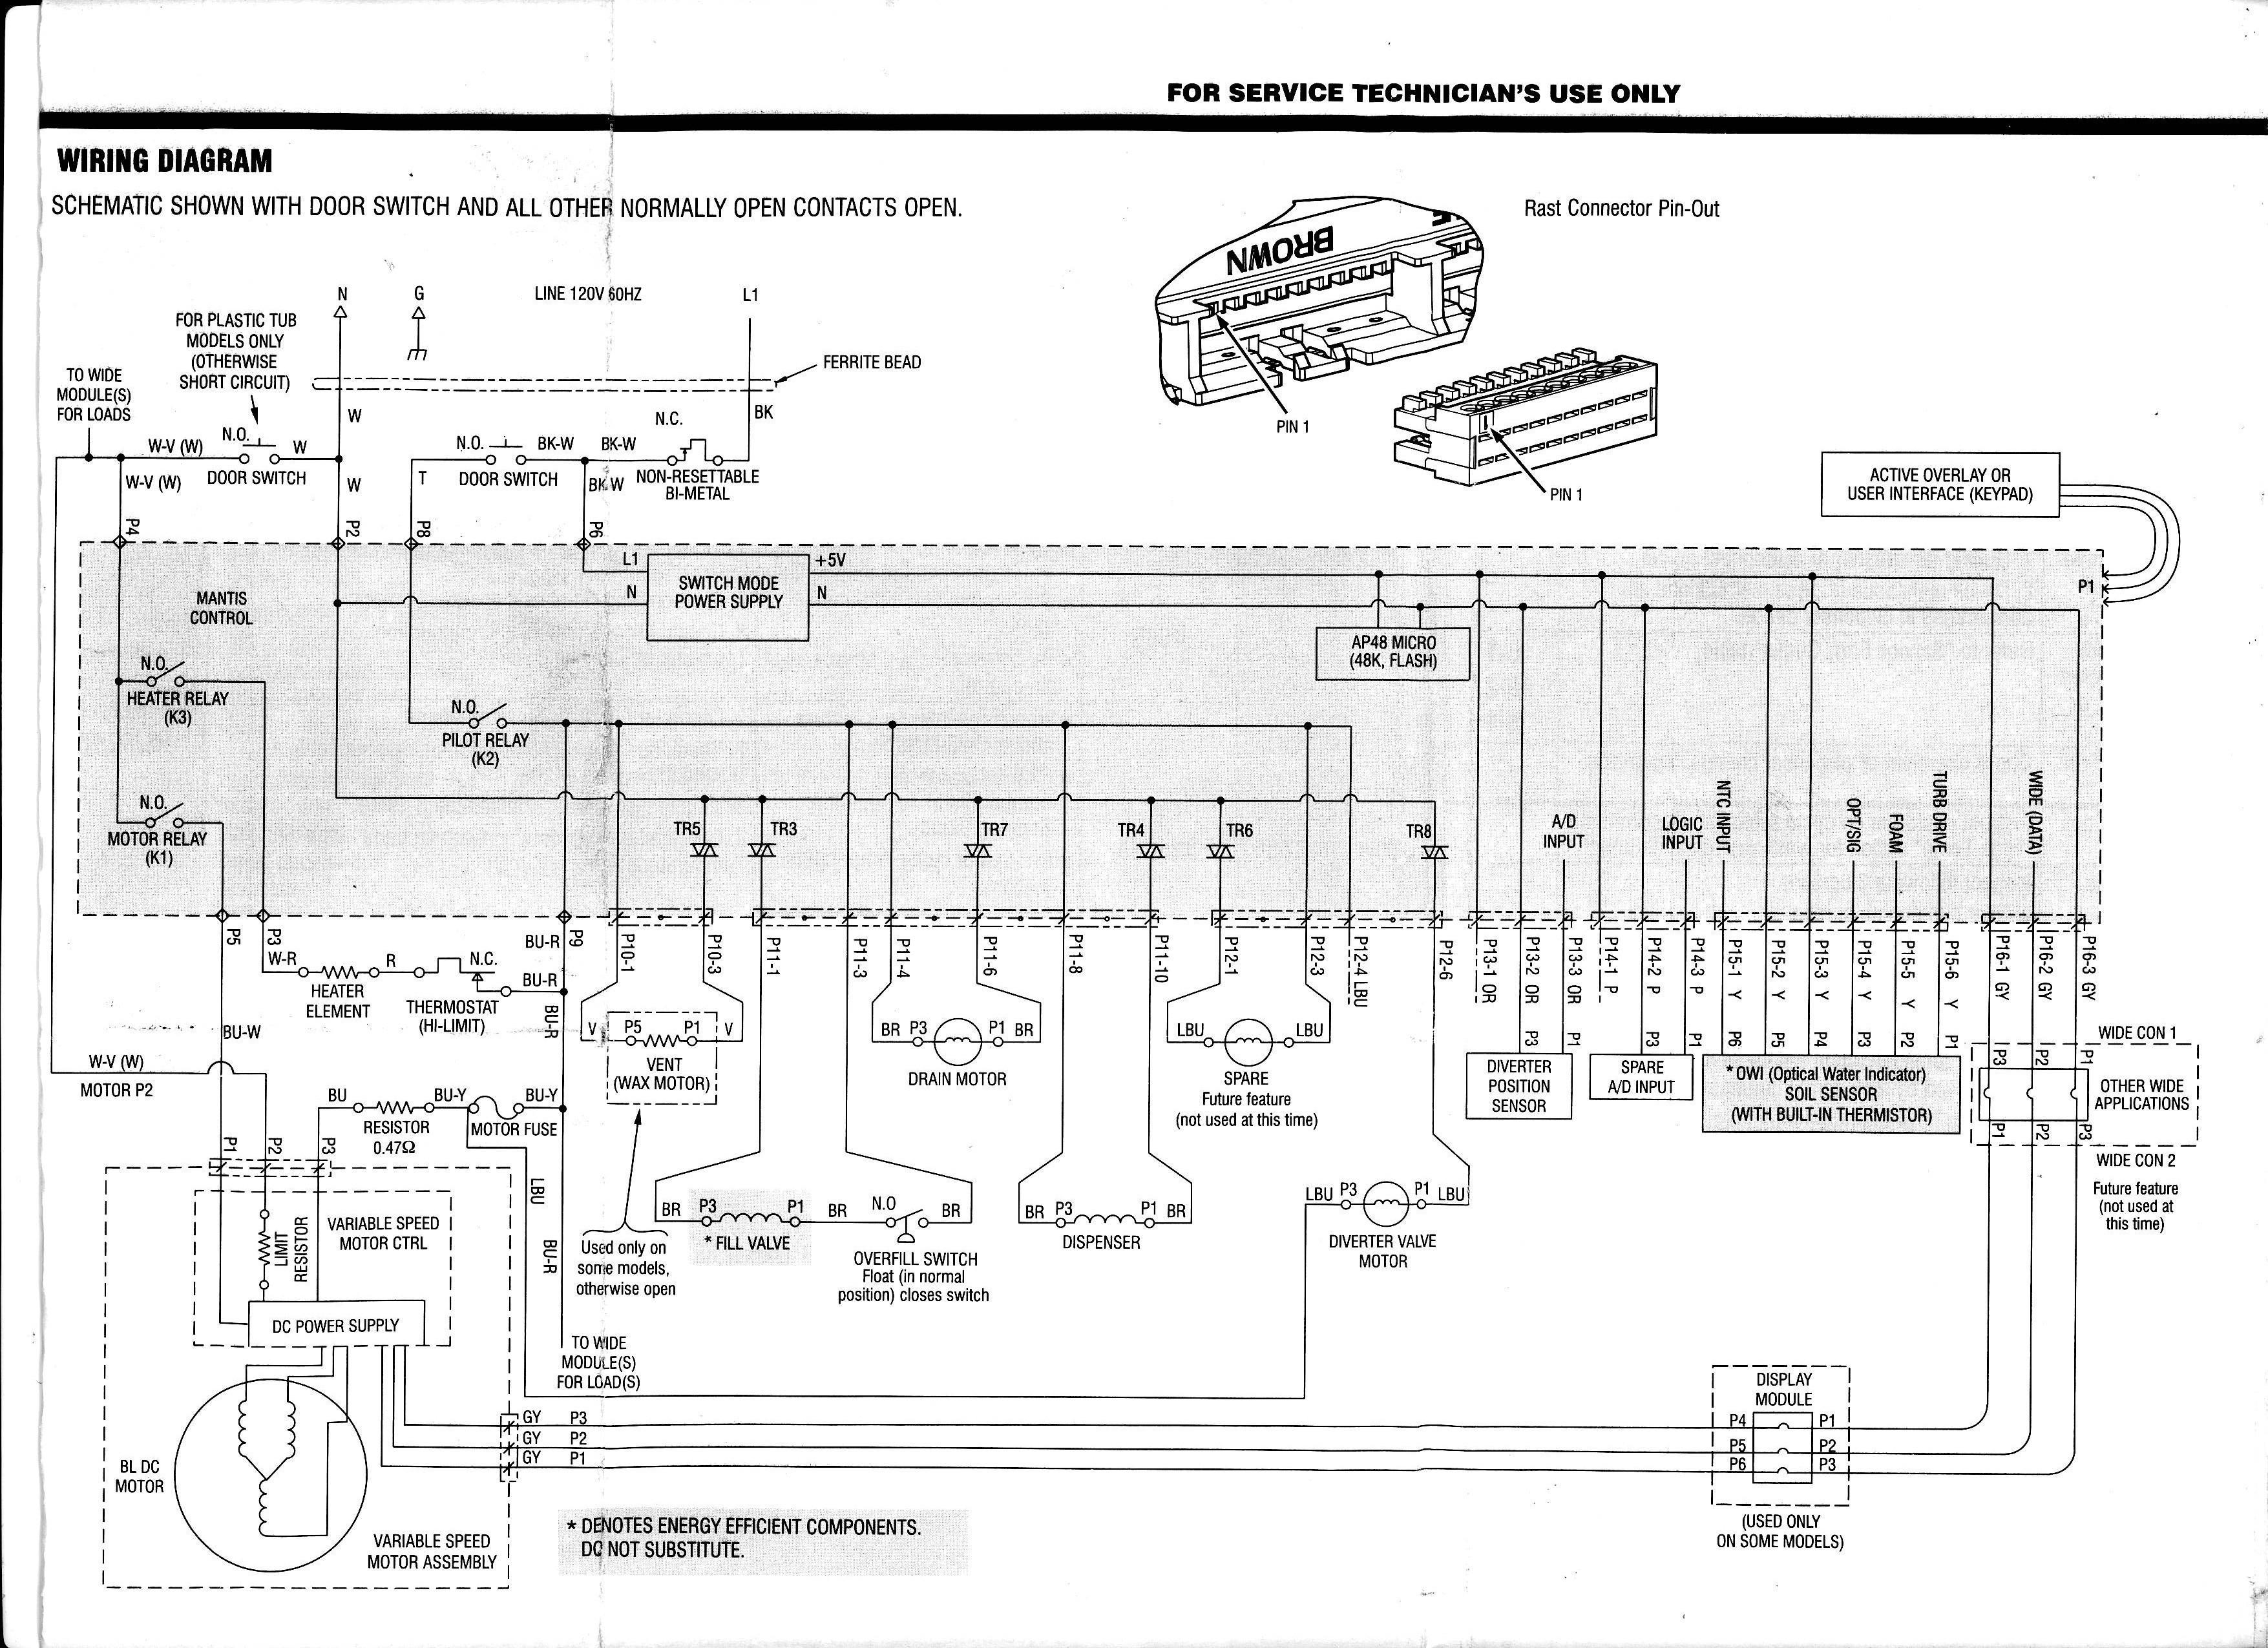 Kenmore Washer Wiring Diagram Oven Wiring Diagram Sears Layout Wiring Diagrams • Of Kenmore Washer Wiring Diagram